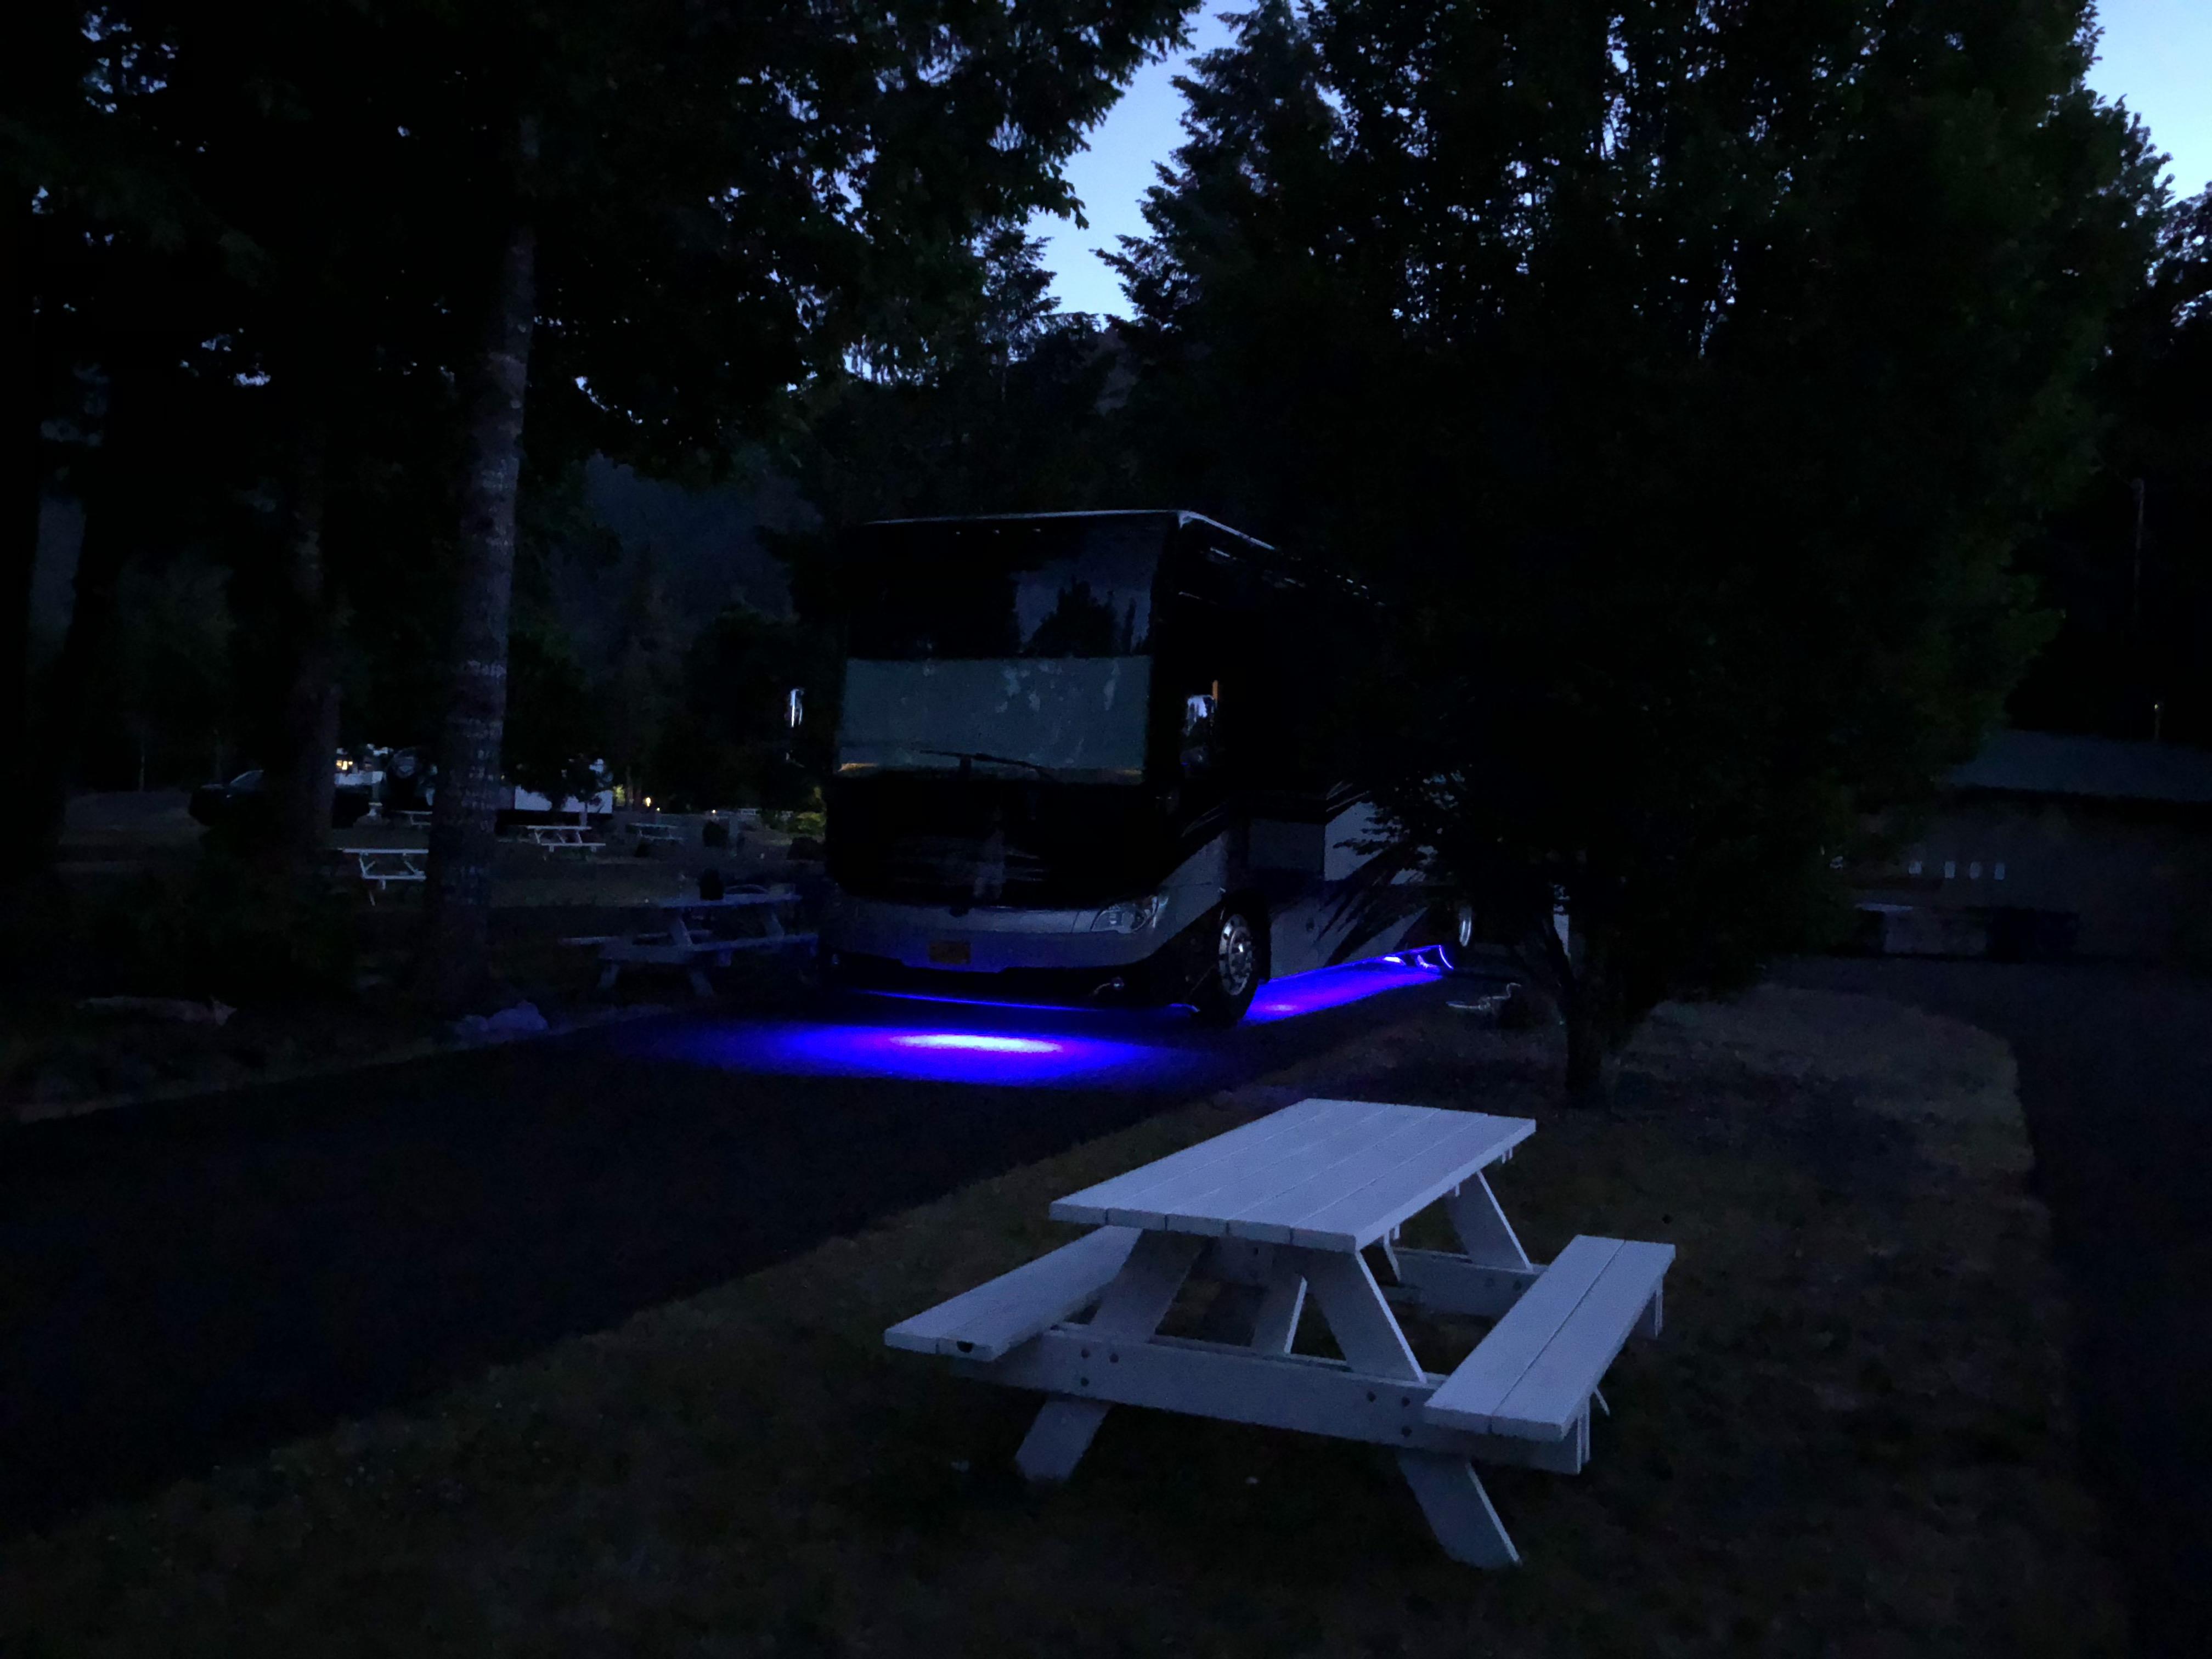 Cool night lights